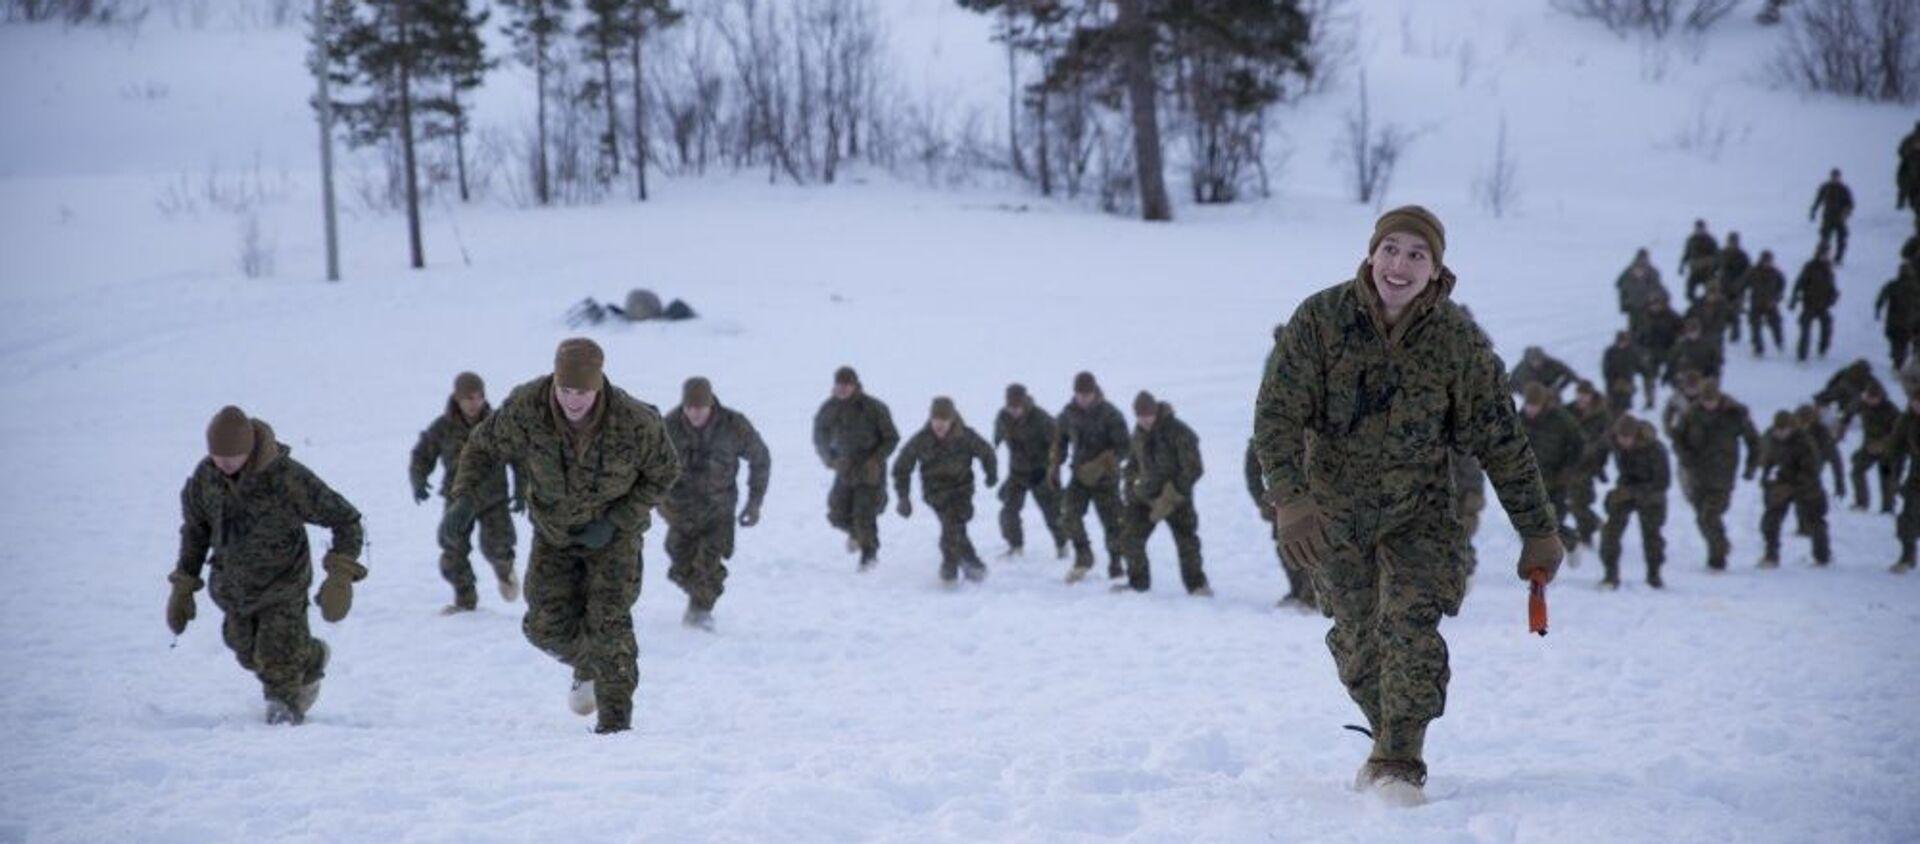 Американские морские пехотинцы во время тренировочных занятий в Норвегии - Sputnik Latvija, 1920, 28.01.2021